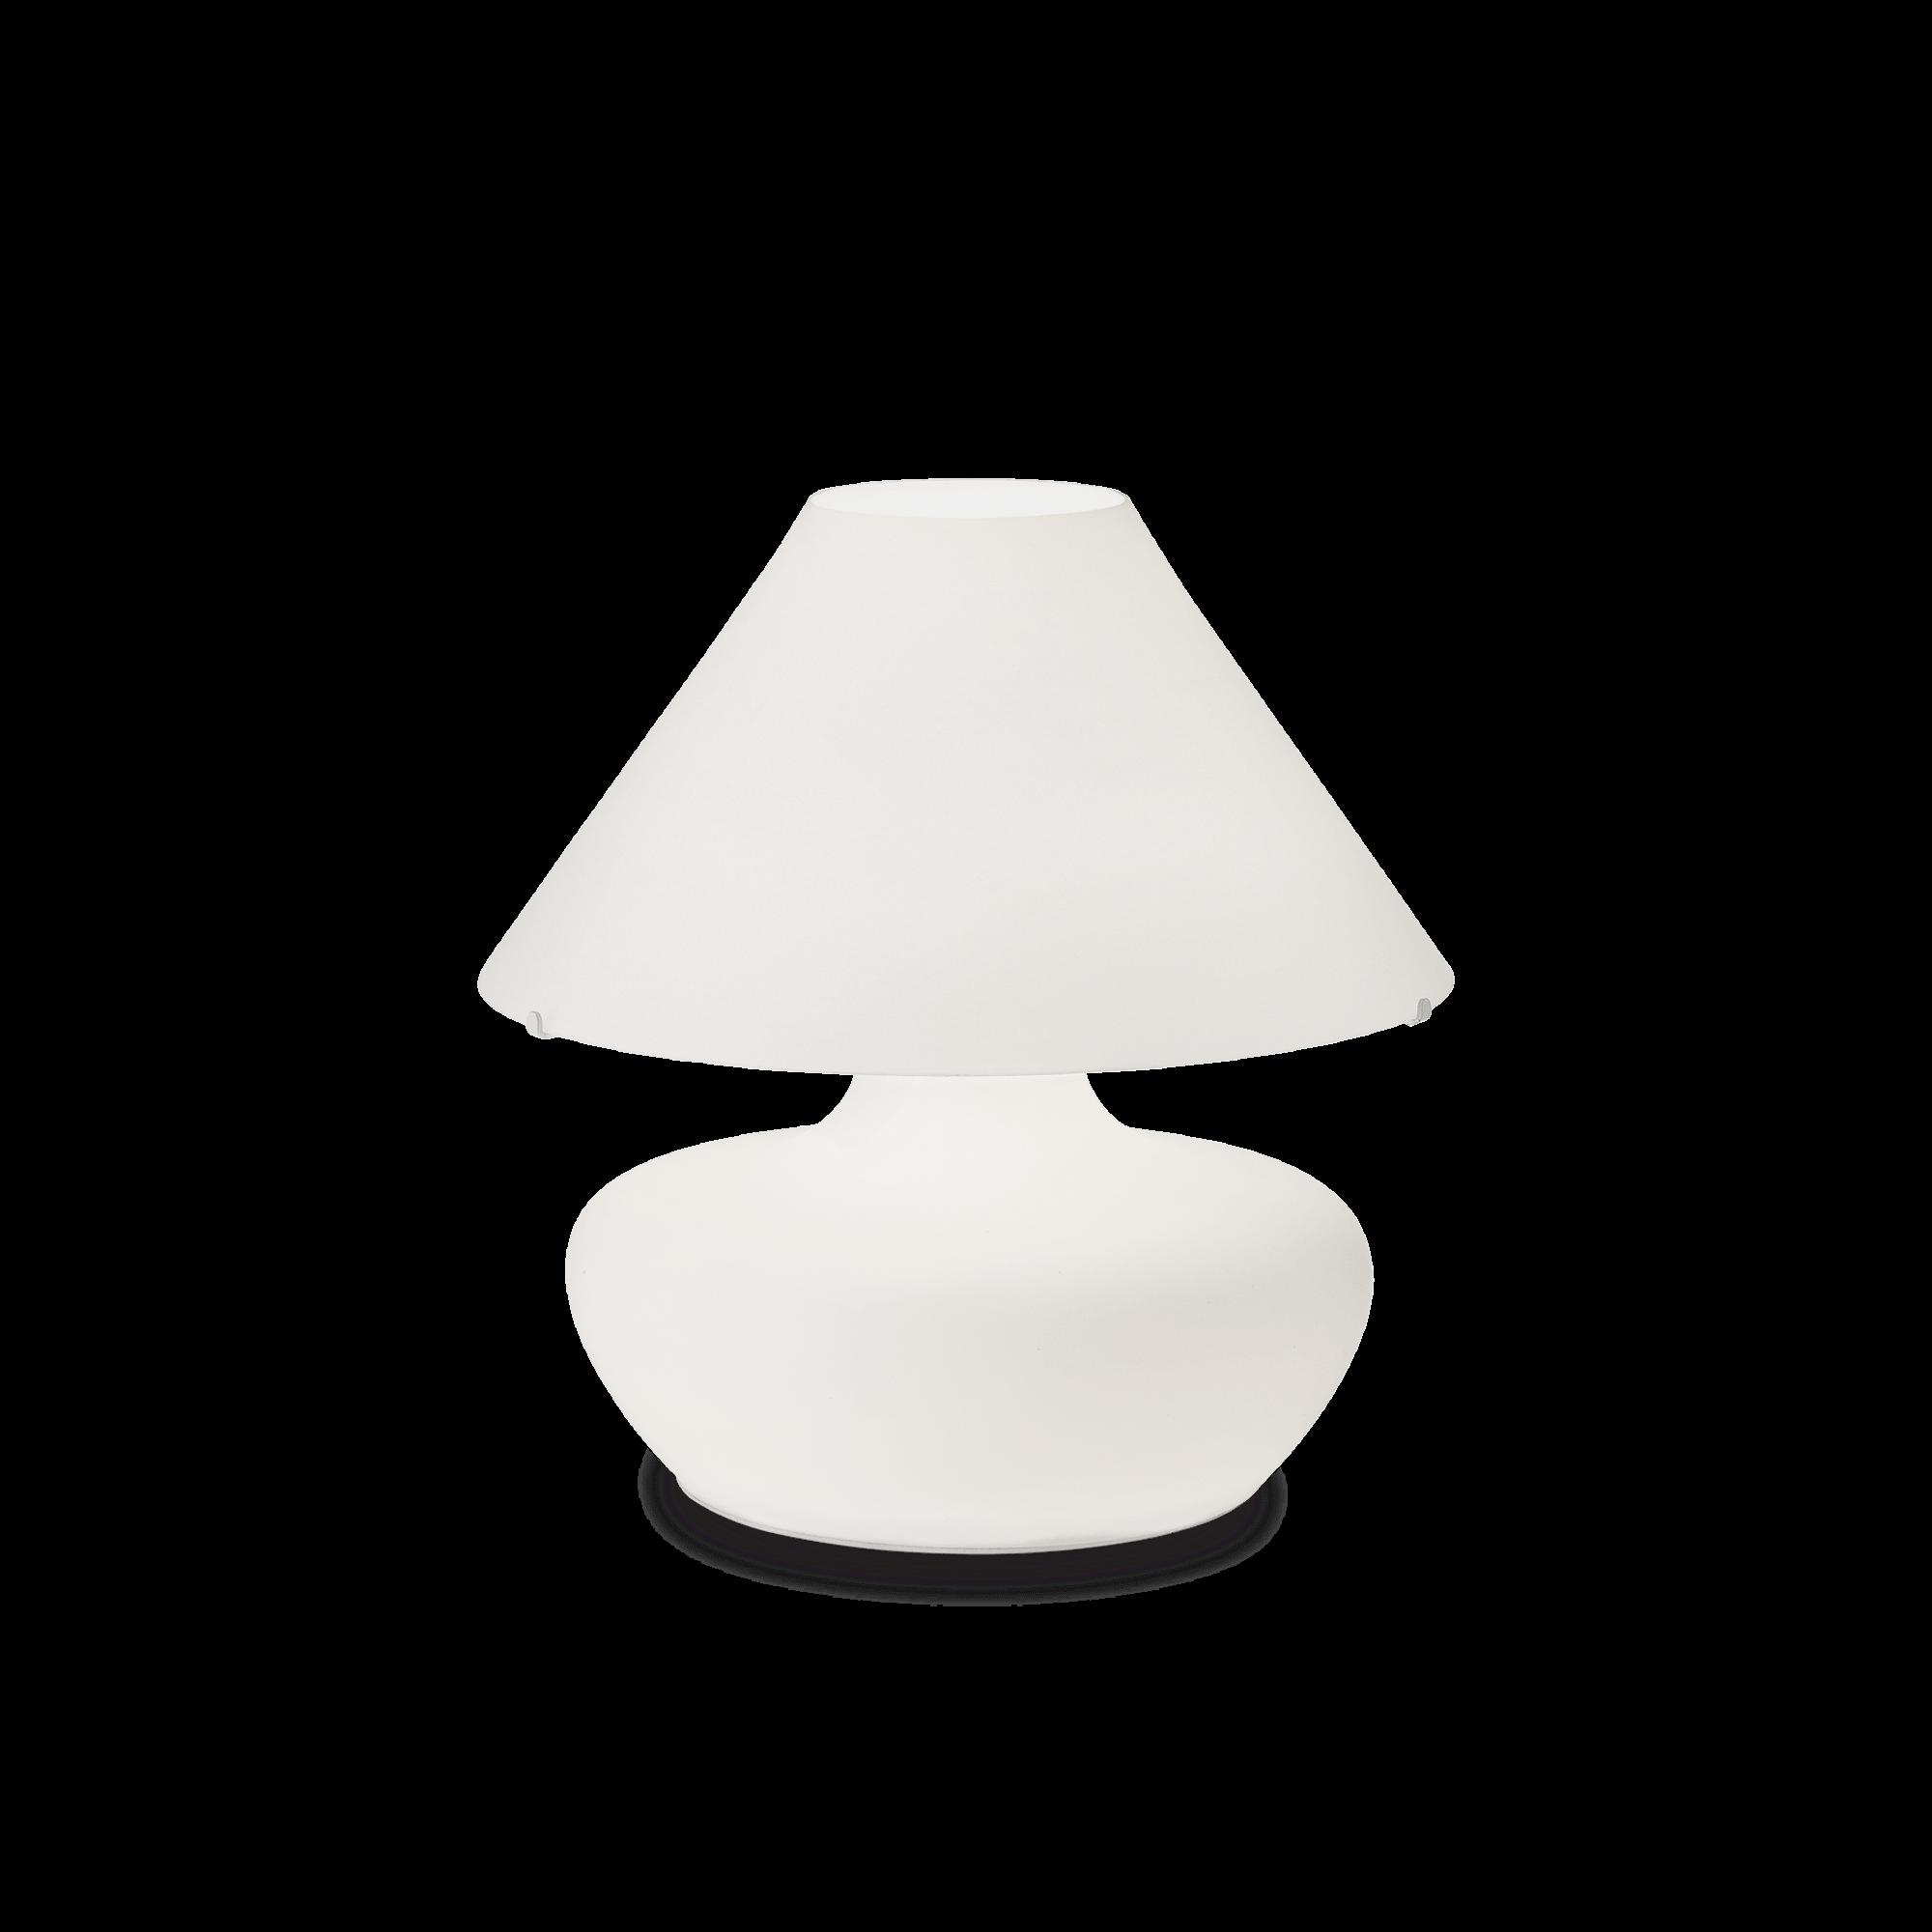 Ideal Lux 137285 ALADINO TL3 D35 BIANCO asztali lámpa